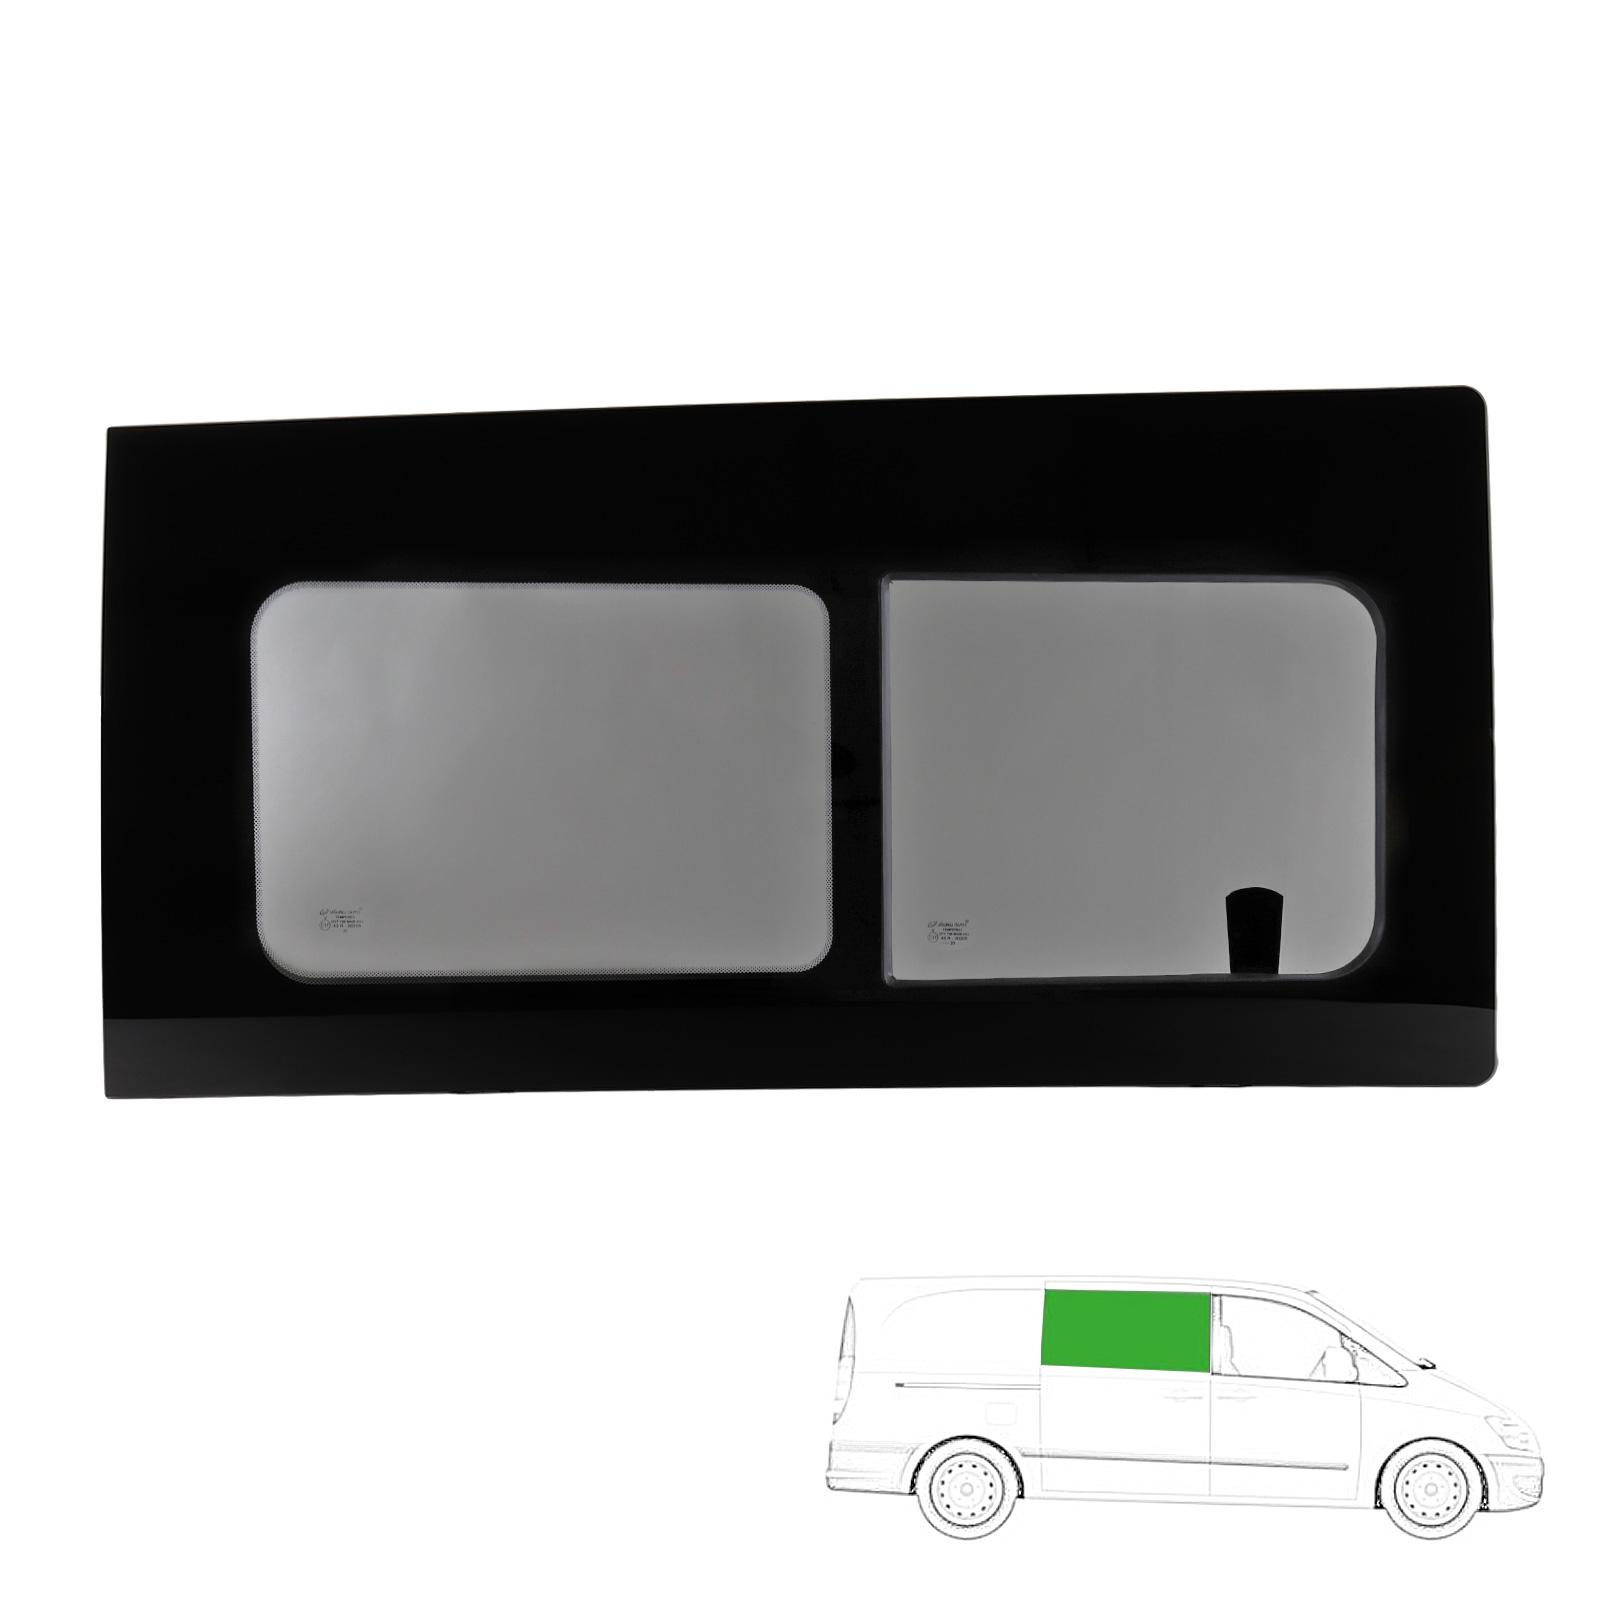 Schiebefenster Glasfenster passend für Vito 04-15 rechts, Echtglas, 111x56 cm